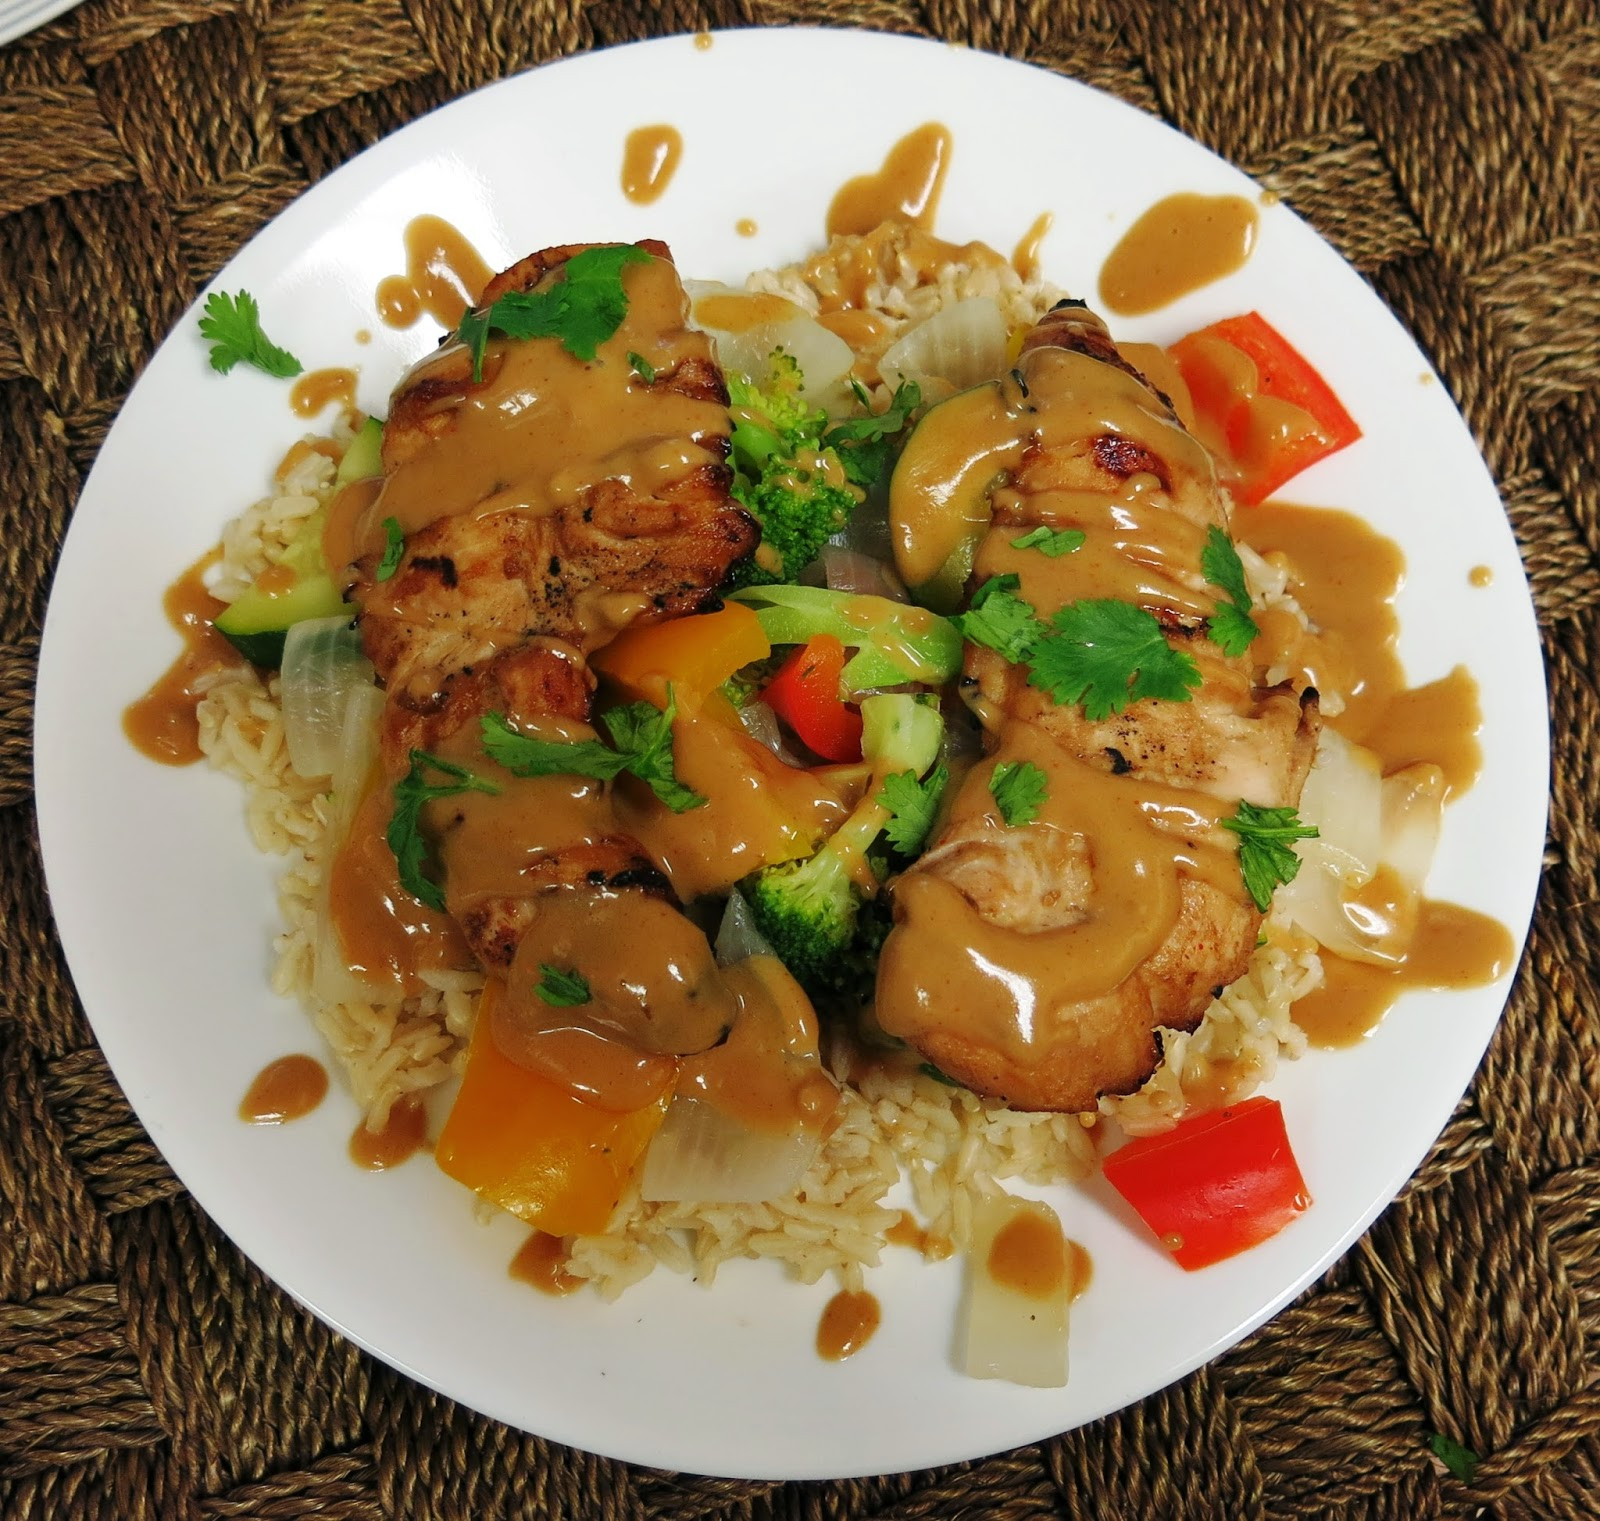 Grilled Asian Pork Tenderloin With Peanut Sauce Recipe — Dishmaps